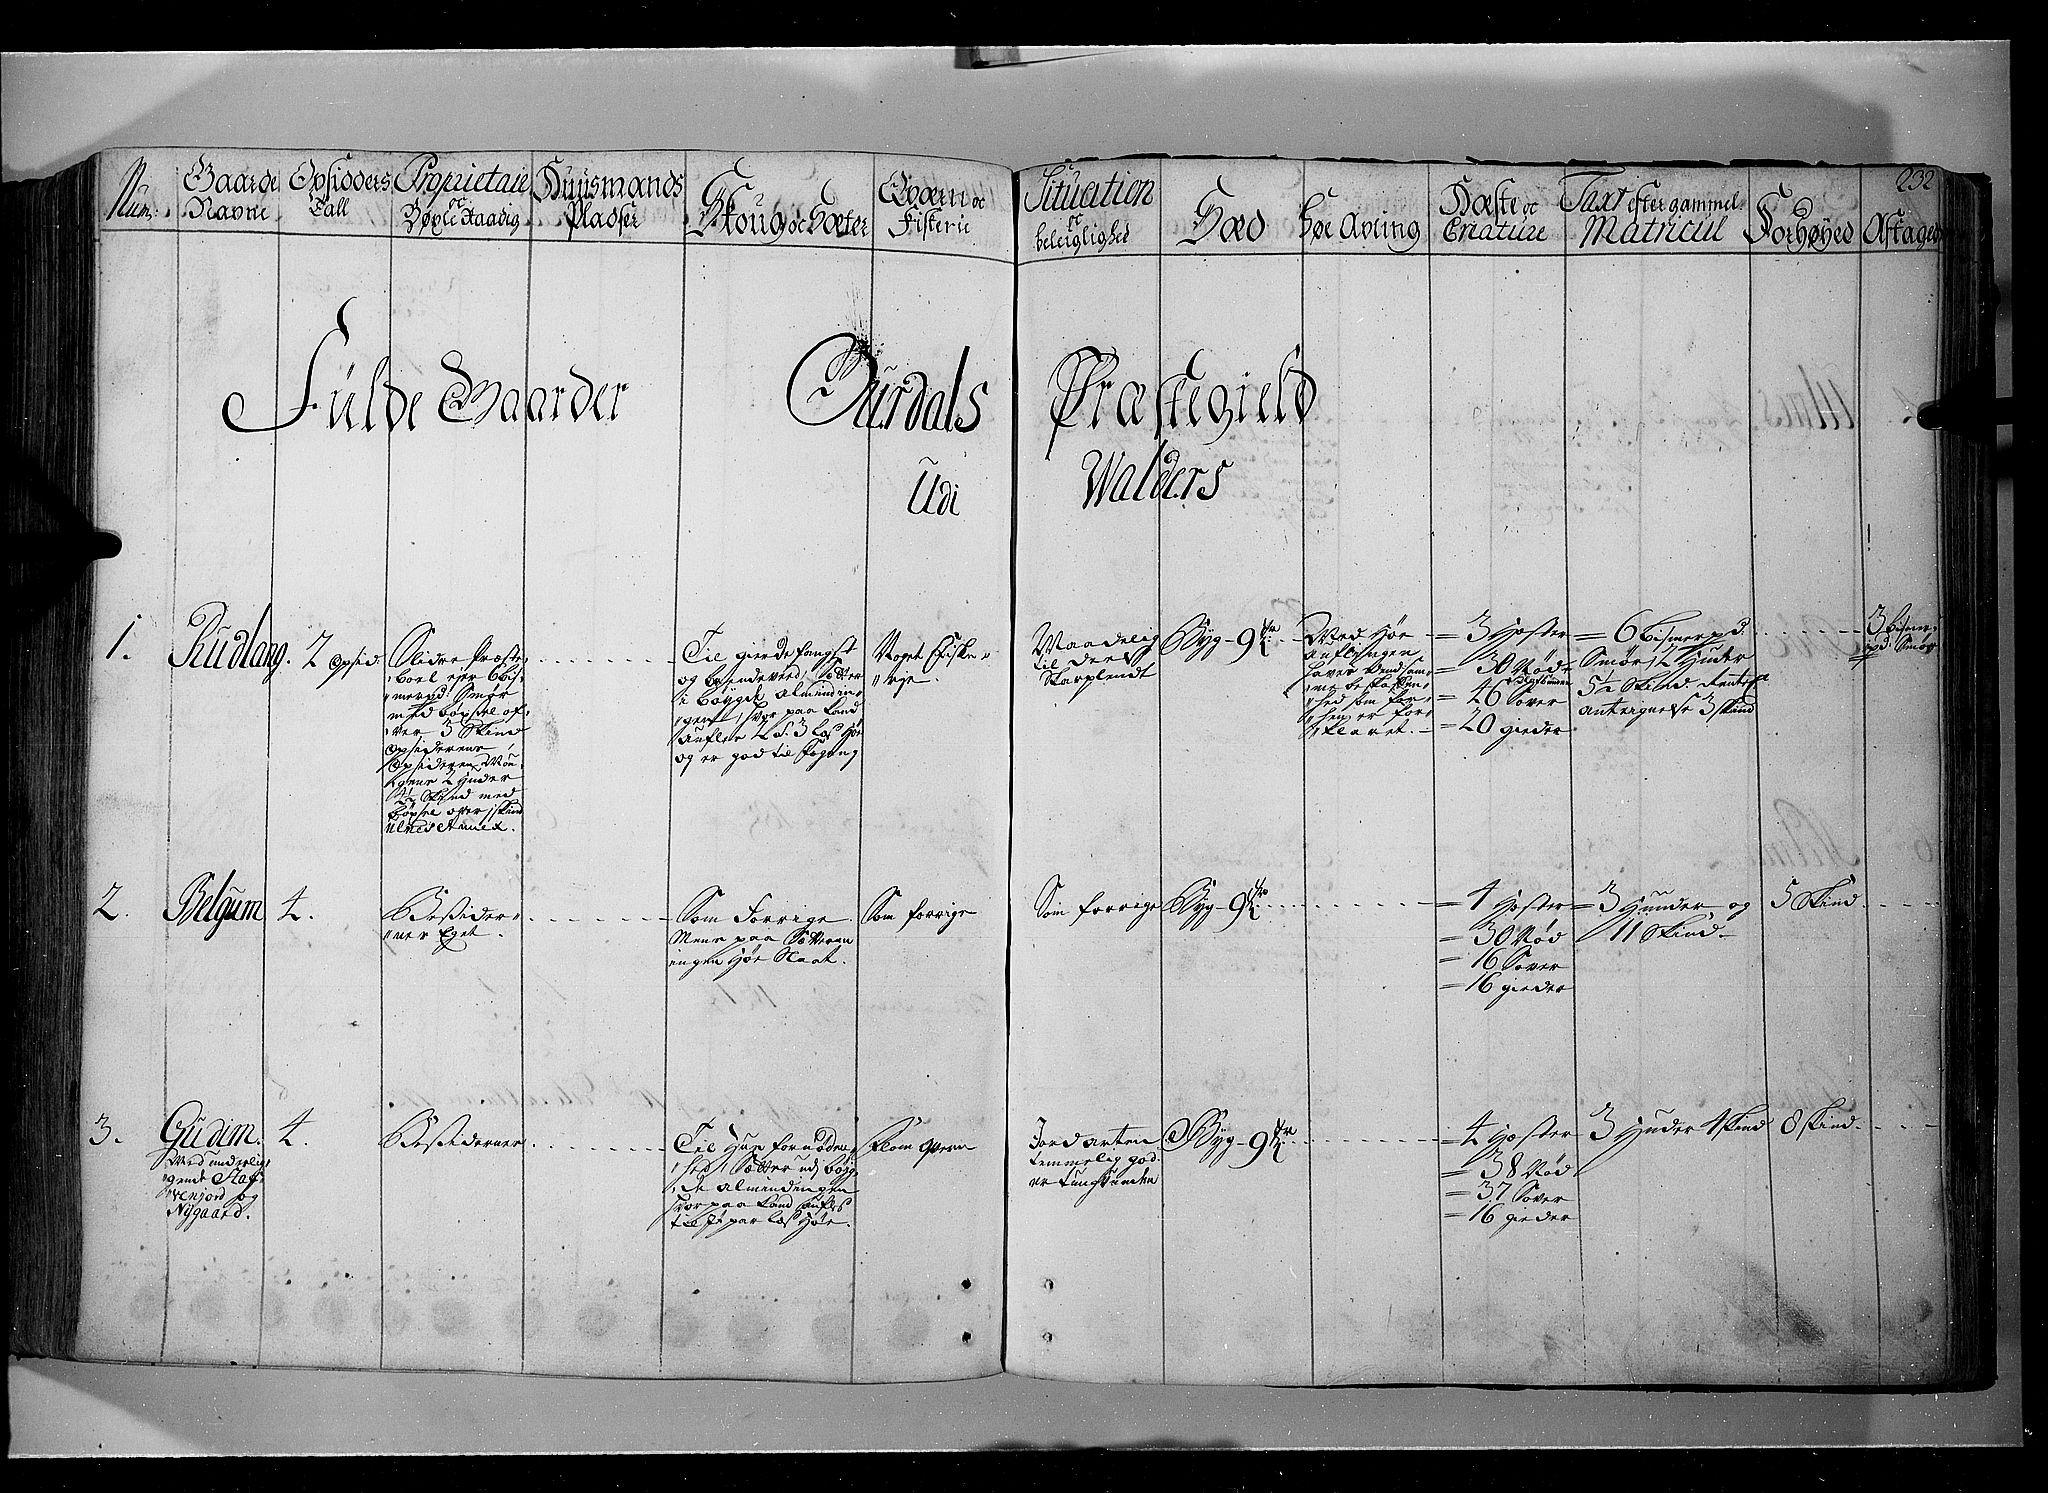 RA, Rentekammeret inntil 1814, Realistisk ordnet avdeling, N/Nb/Nbf/L0104: Hadeland, Toten og Valdres eksaminasjonsprotokoll, 1723, s. 231b-232a